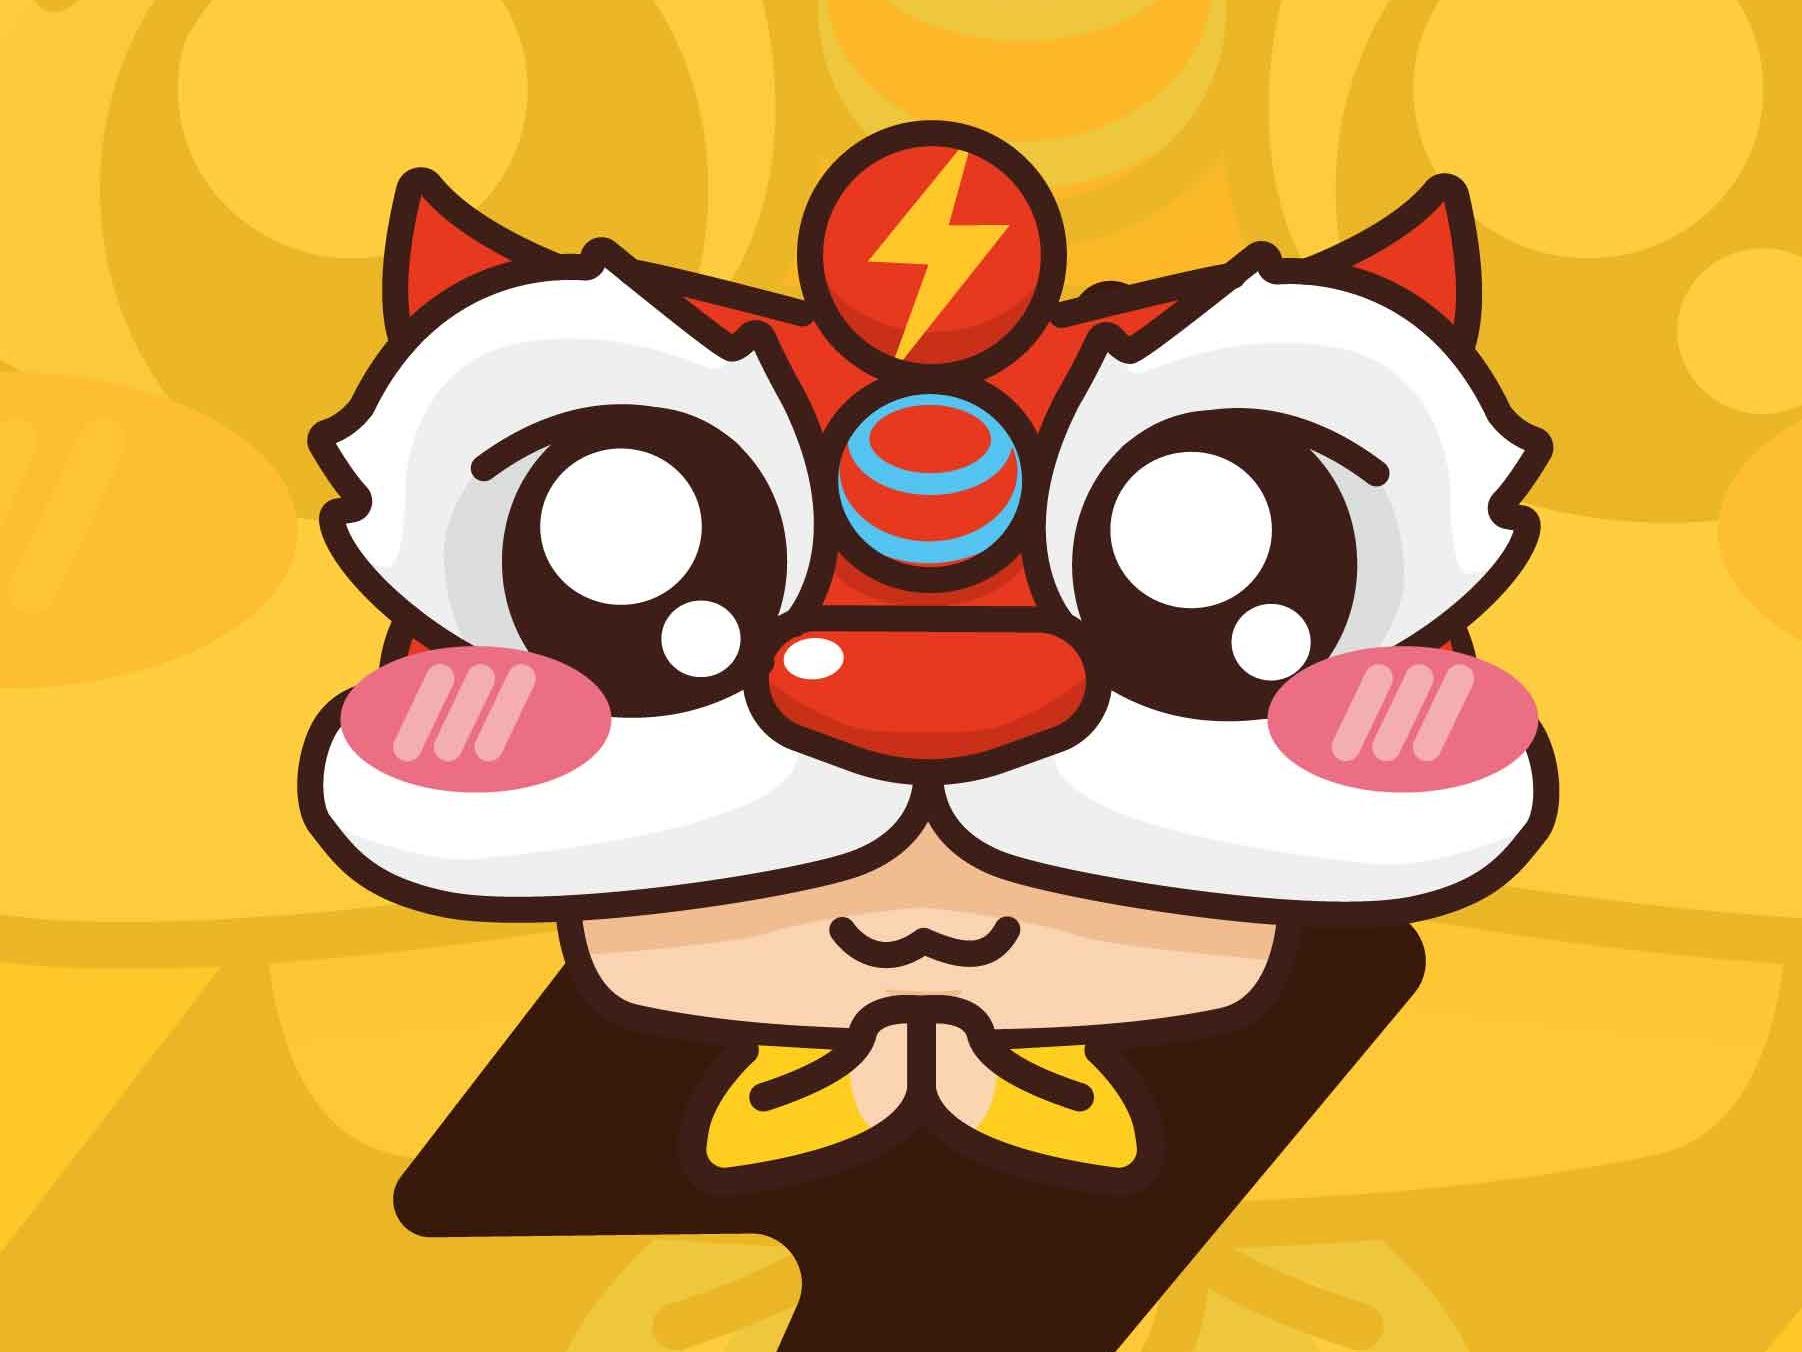 南方电网-广东电网吉祥物设计图片